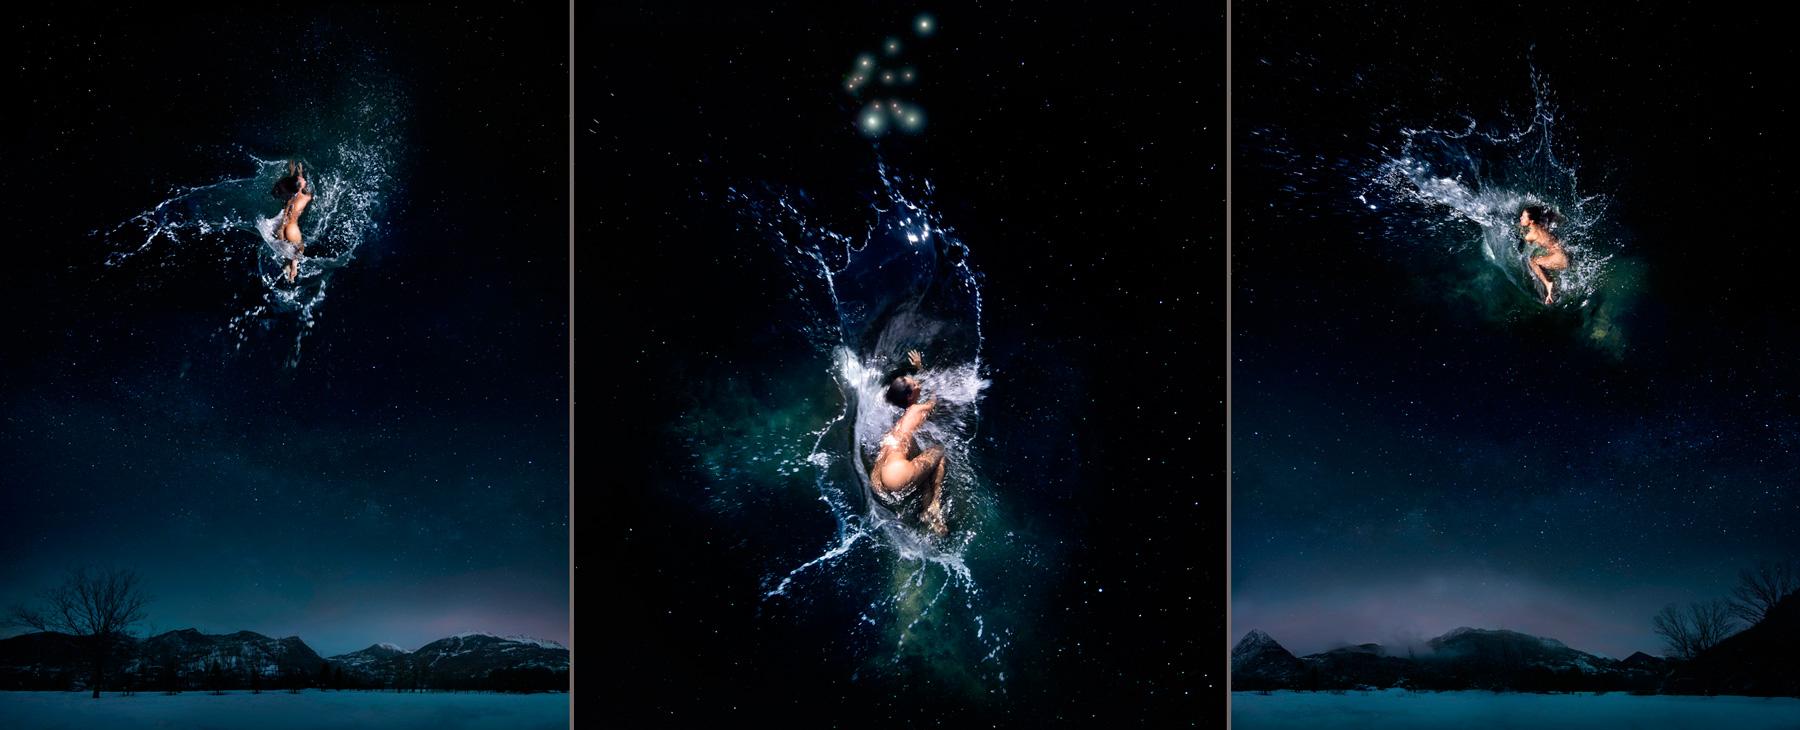 EUFONÍA de la Constelación de ACUARIO. Fotografía digital nocturna y acuática. Configuración y retoque digitales